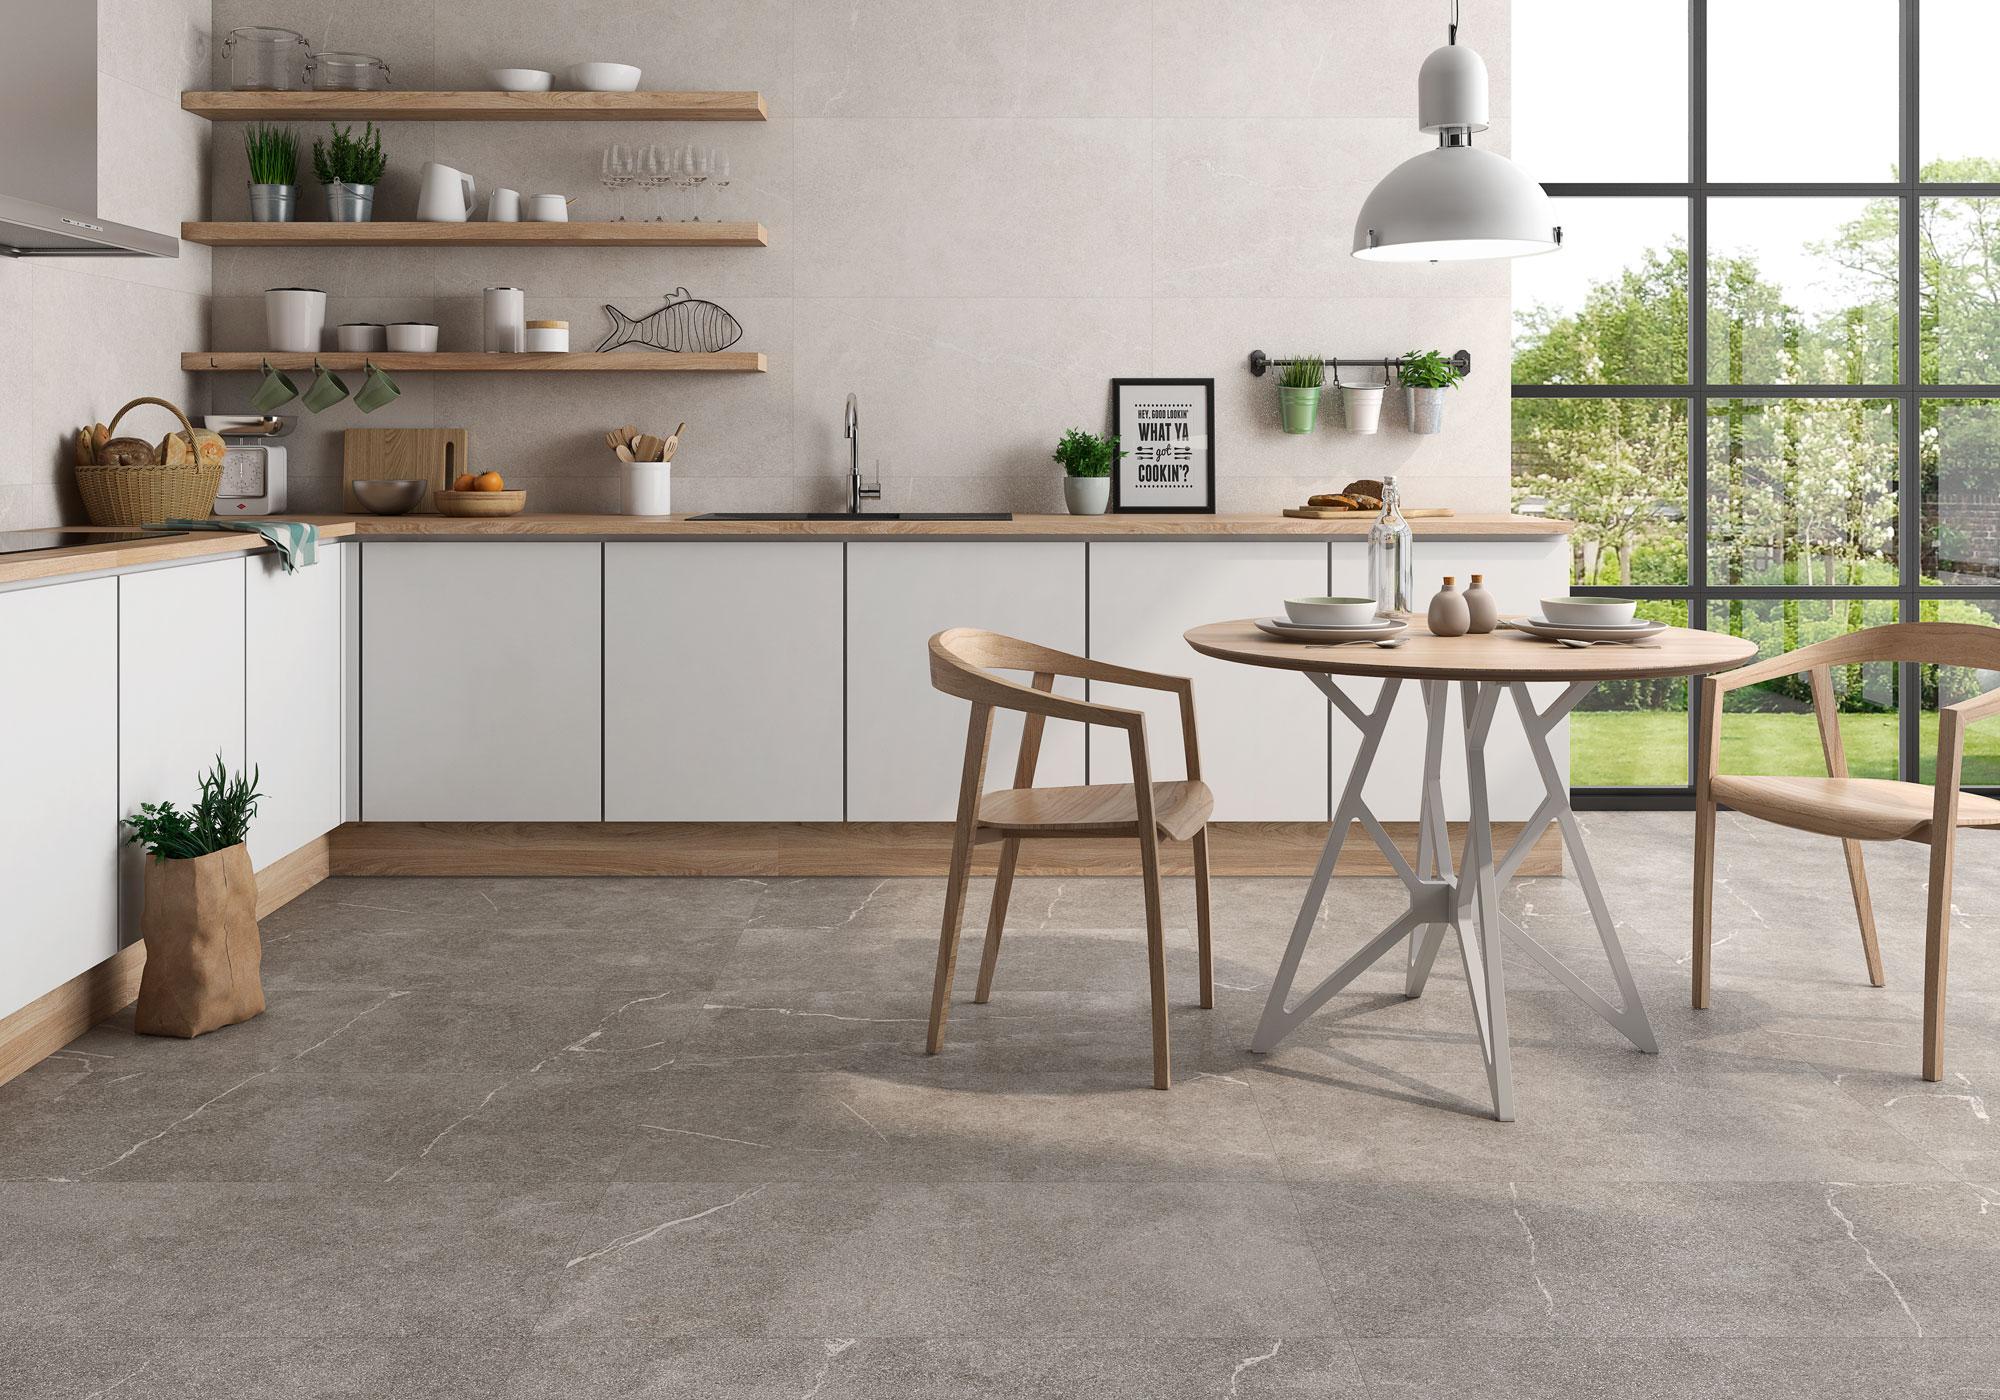 202 fotos de suelos - Cocinas con suelo gris ...